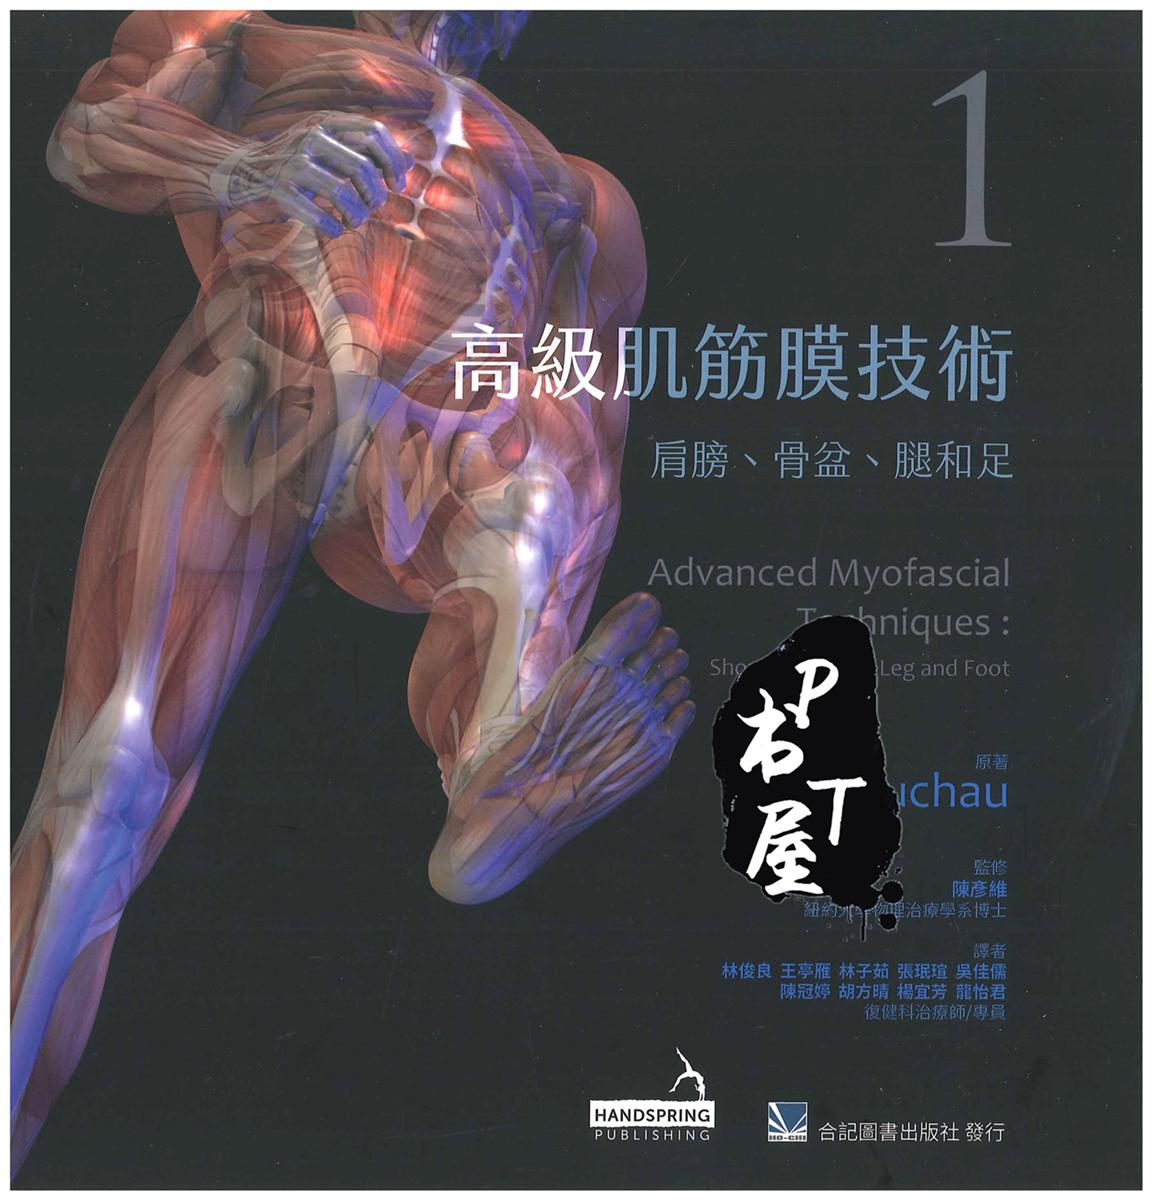 (台版)高级肌筋膜技术 Book Cover